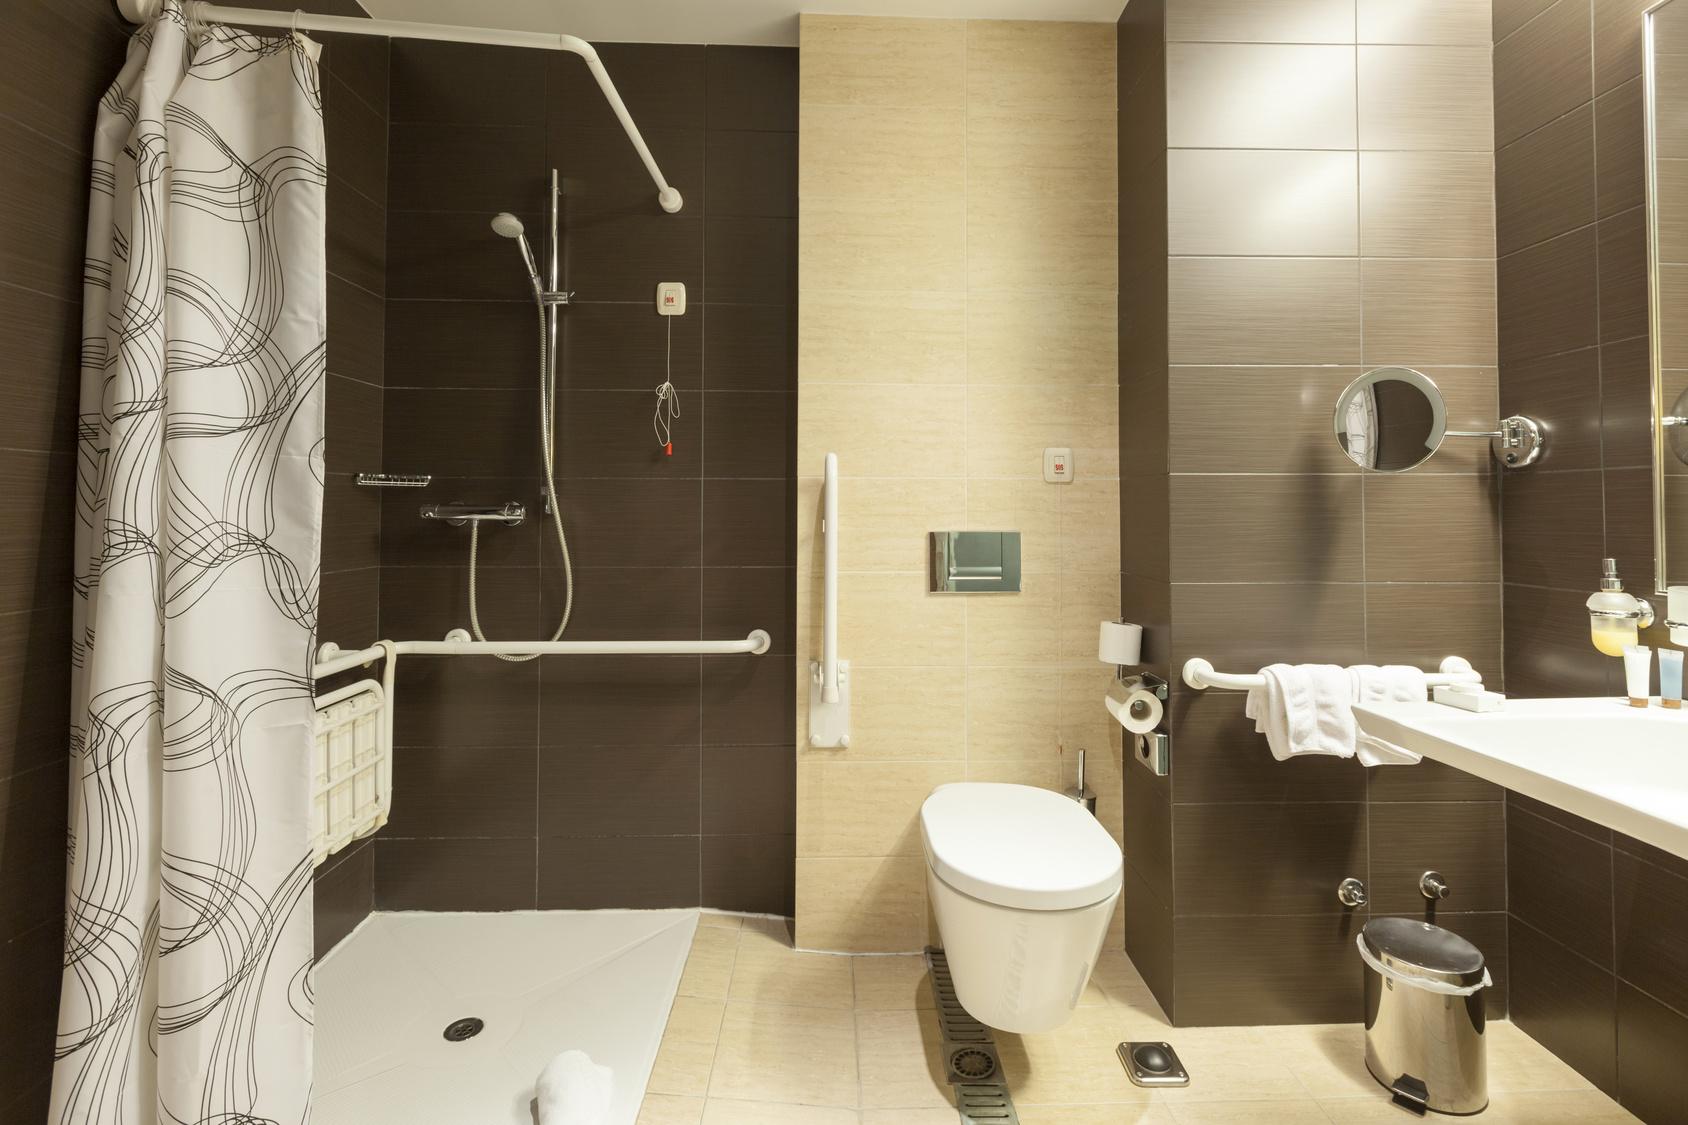 lamnagement des sanitaires - Plan De Maison Pour Handicape